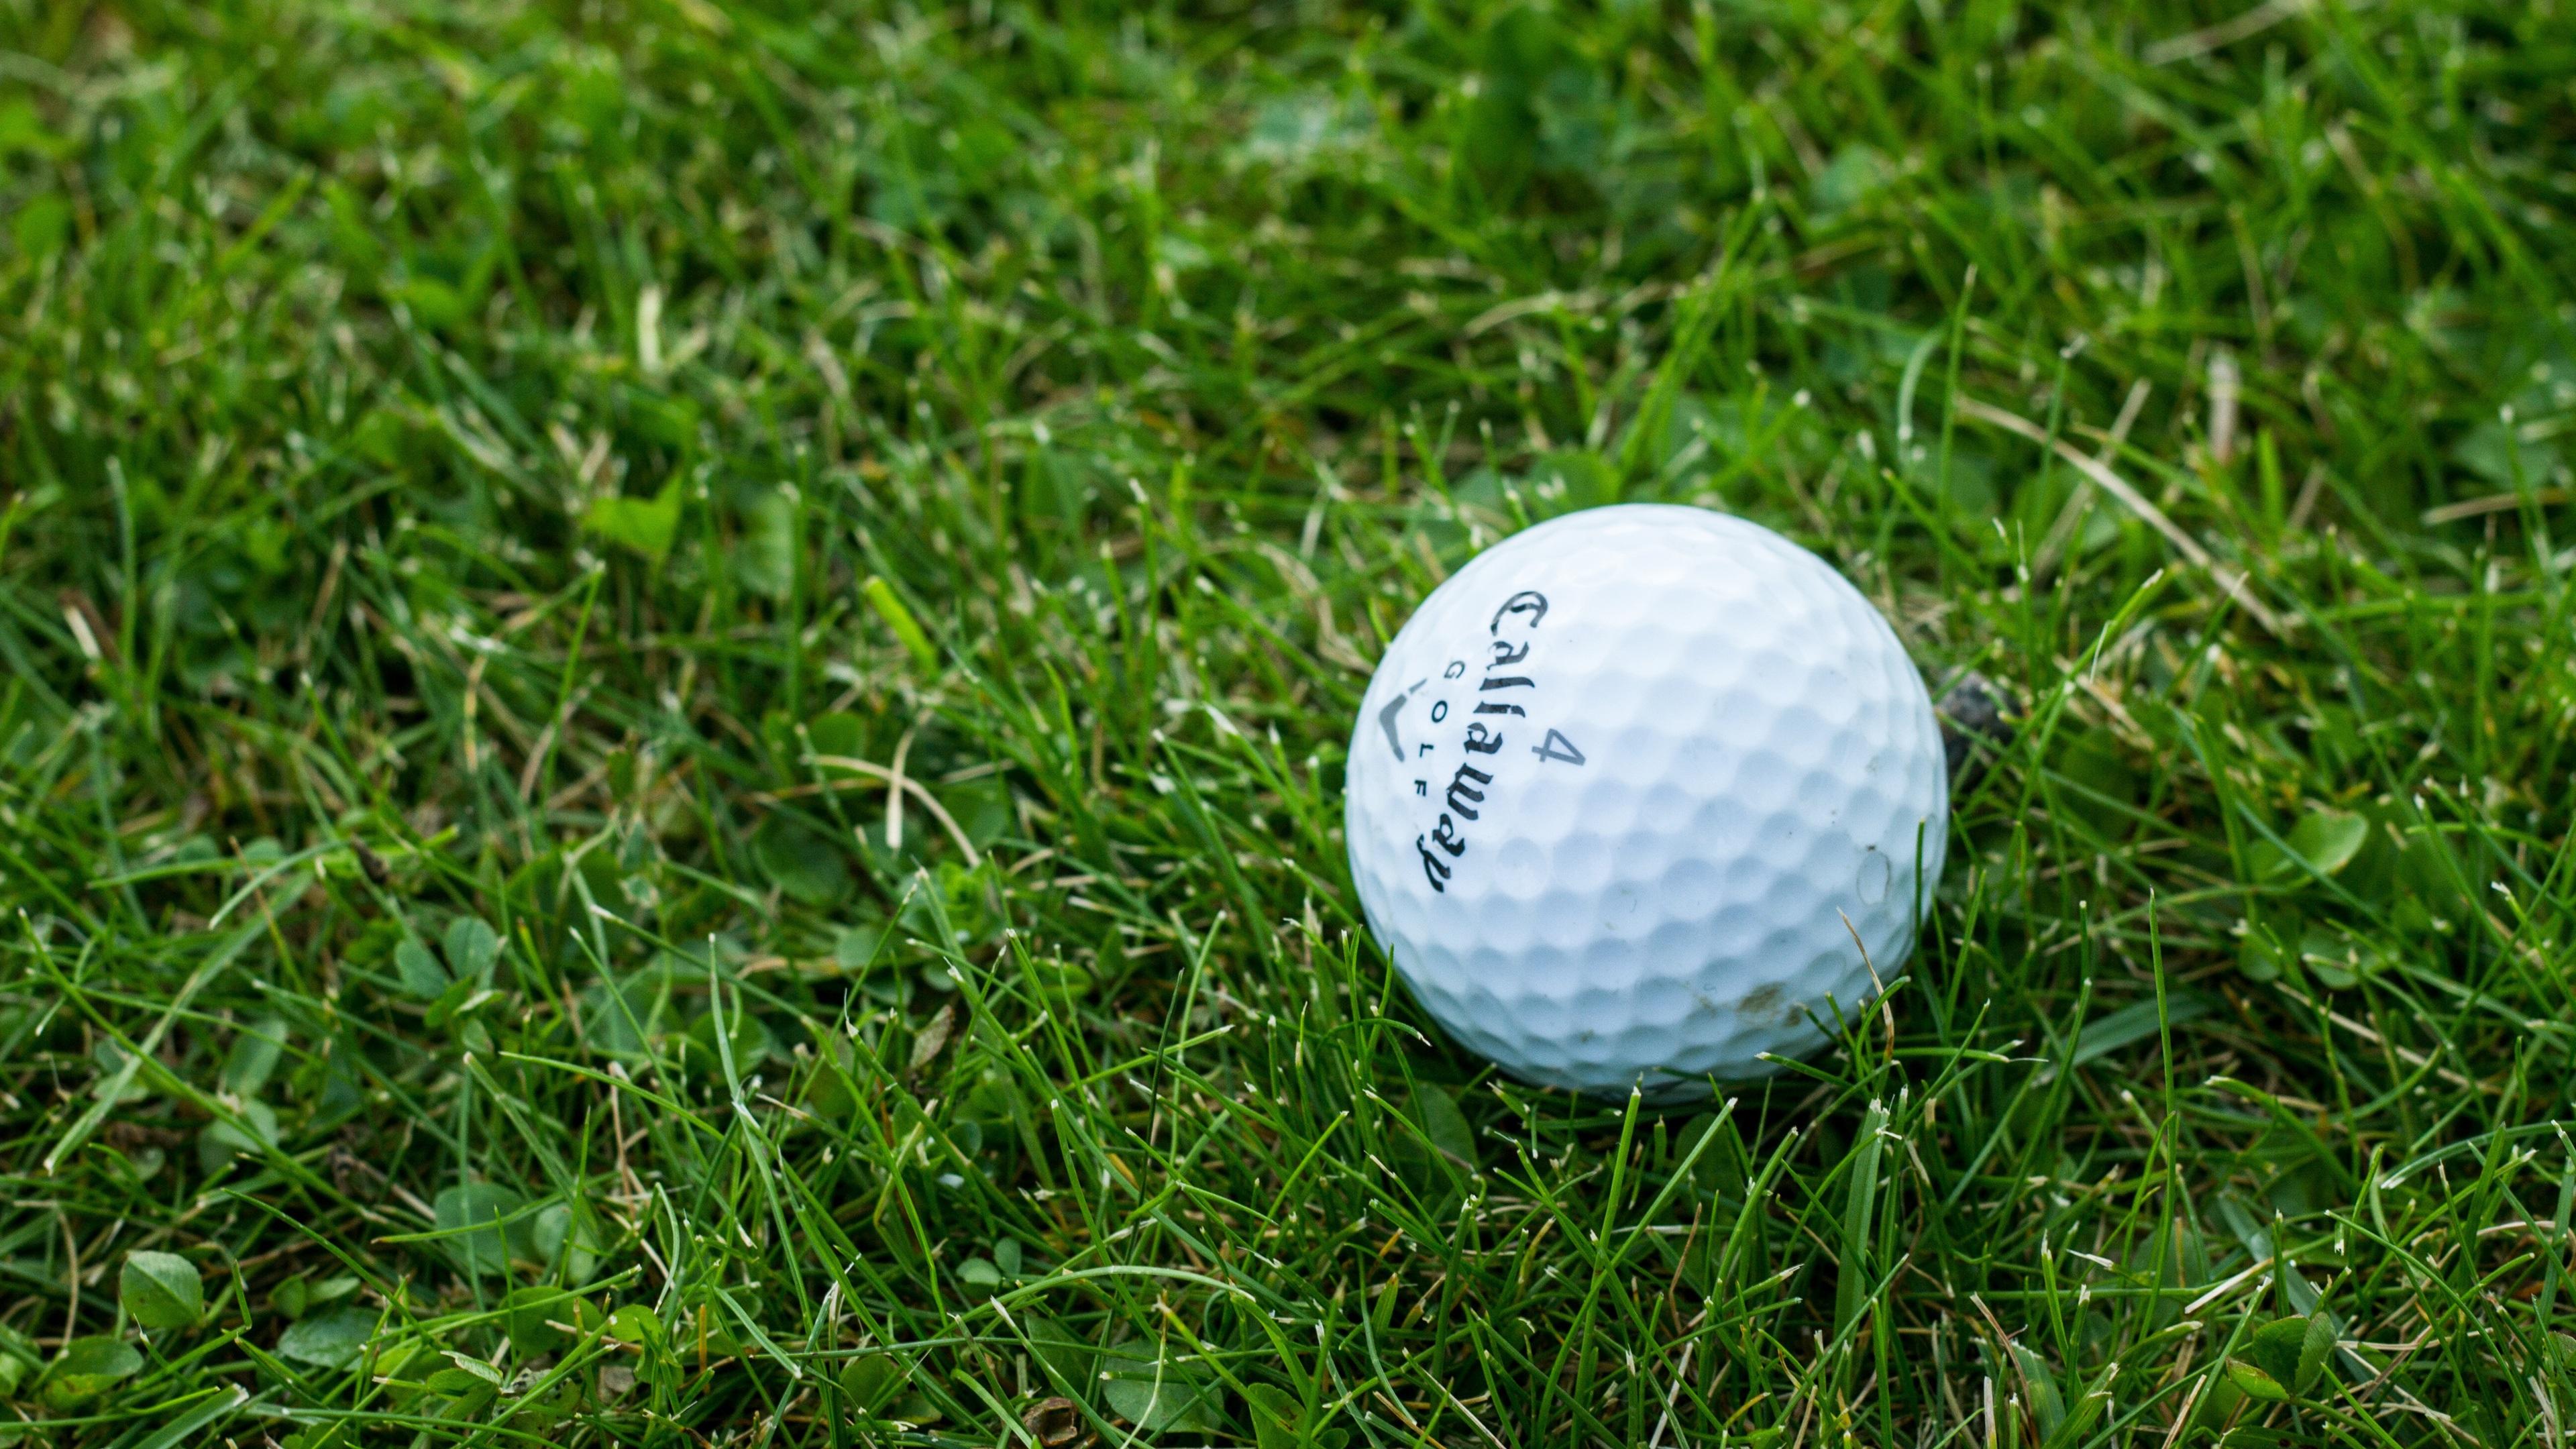 芝生のゴルフボール 1080x19 Iphone 8 7 6 6s Plus 壁紙 背景 画像